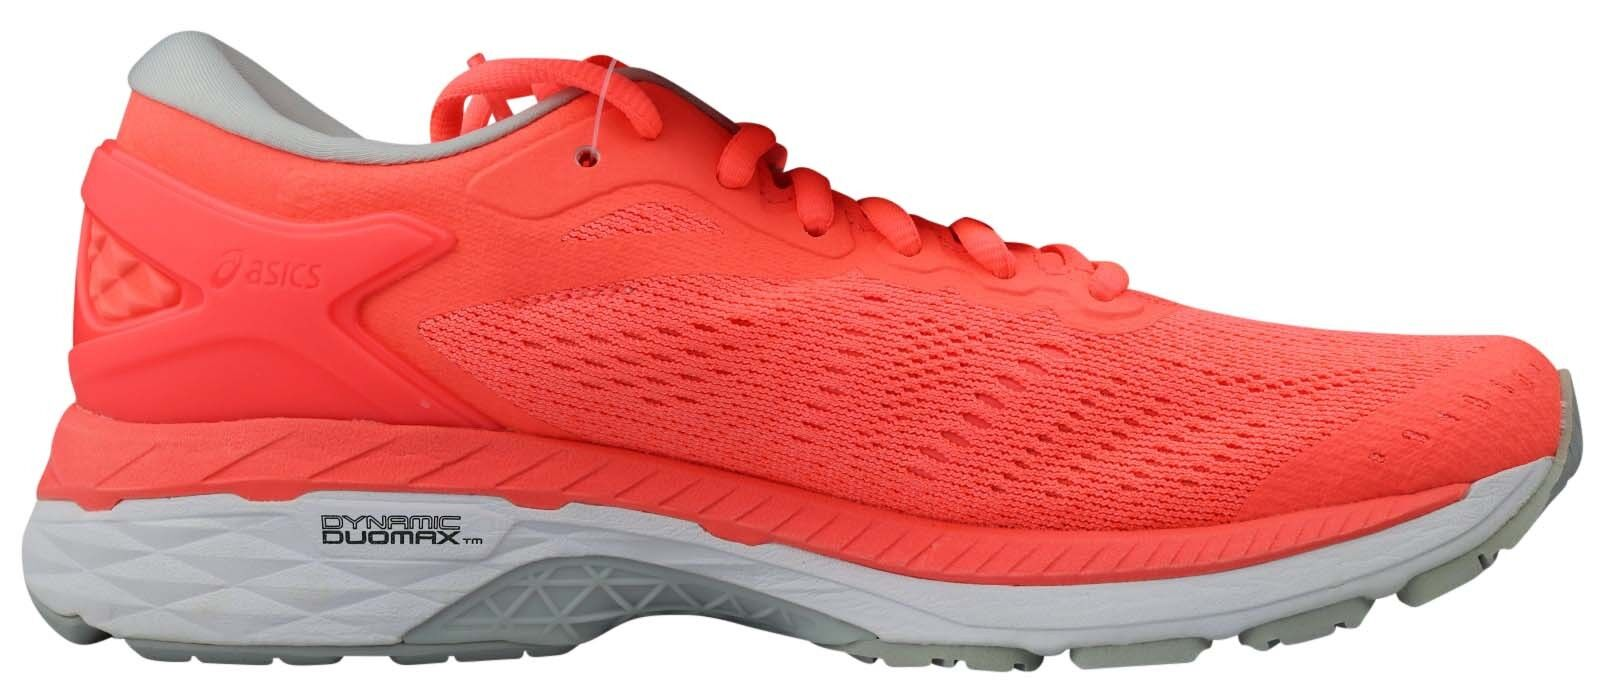 Asics Gel Kayano Kayano Kayano 24 Damen Running Laufschuhe T799N-0690 Gr. 36 - 42 NEU & OVP 6c74ce